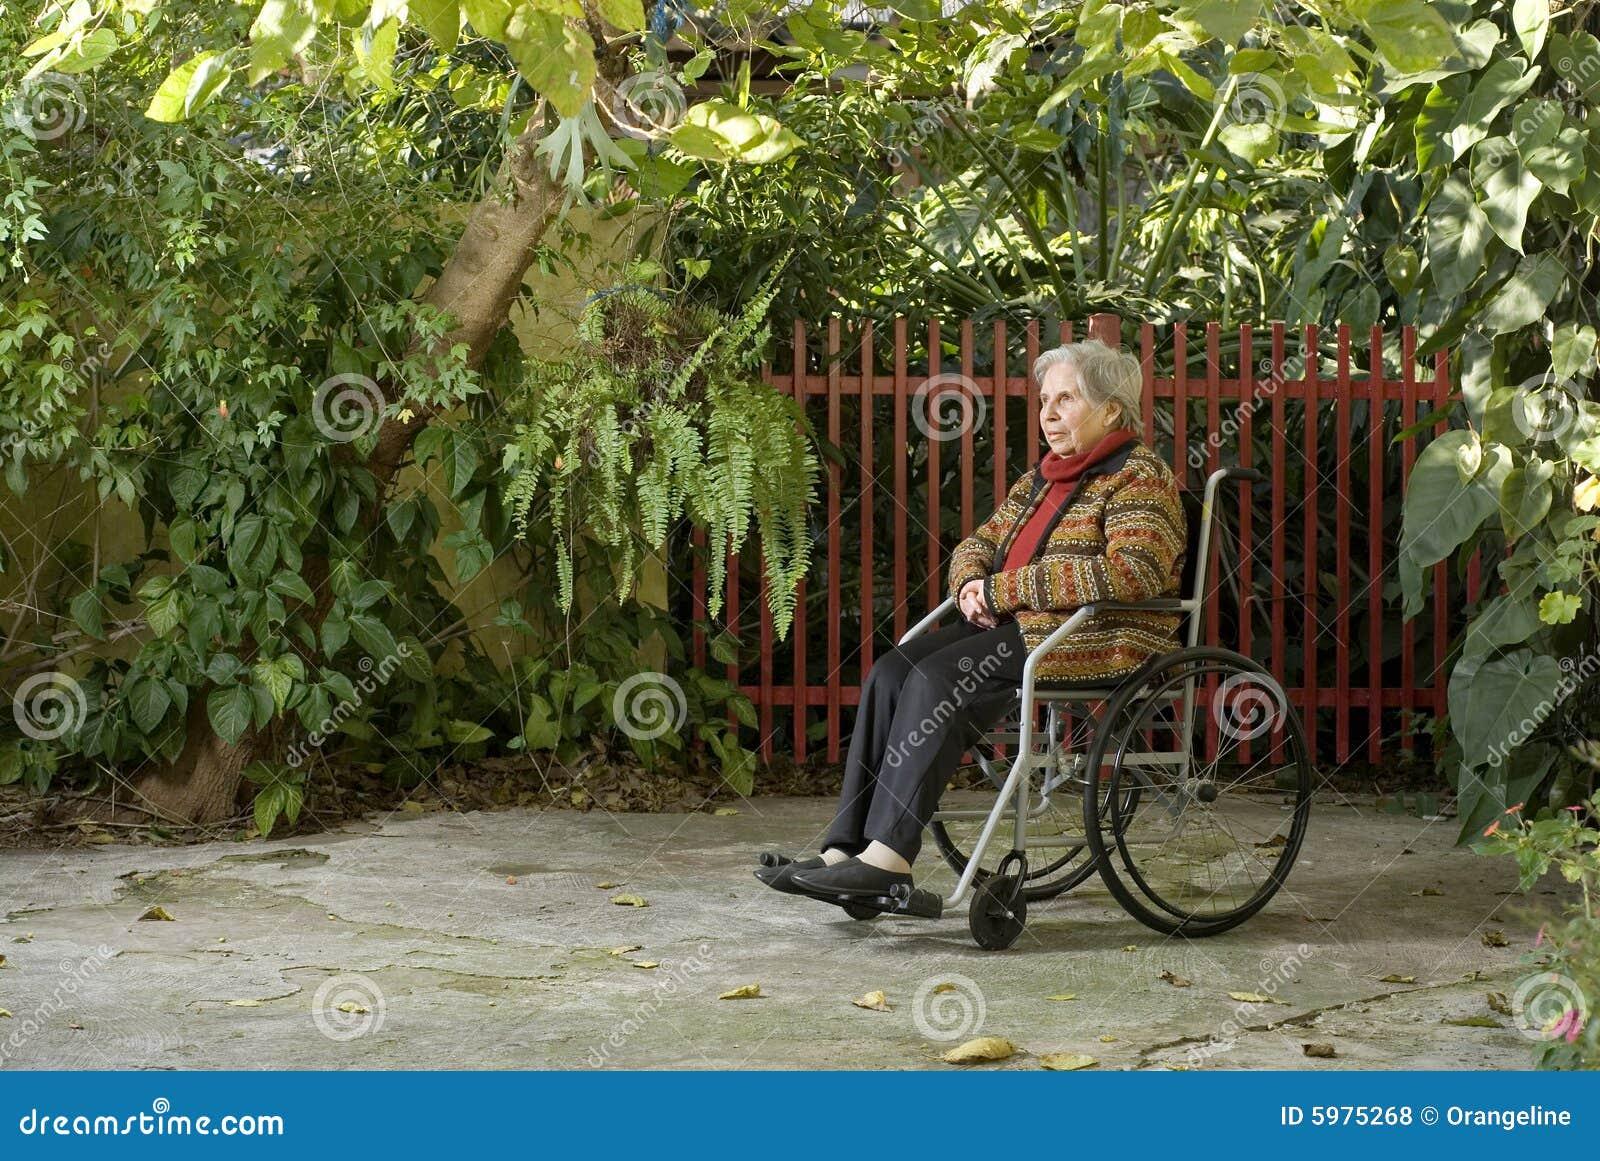 fotos jardim horizontal : fotos jardim horizontal:mulher idosa está sentando-se em uma cadeira de rodas em um jardim